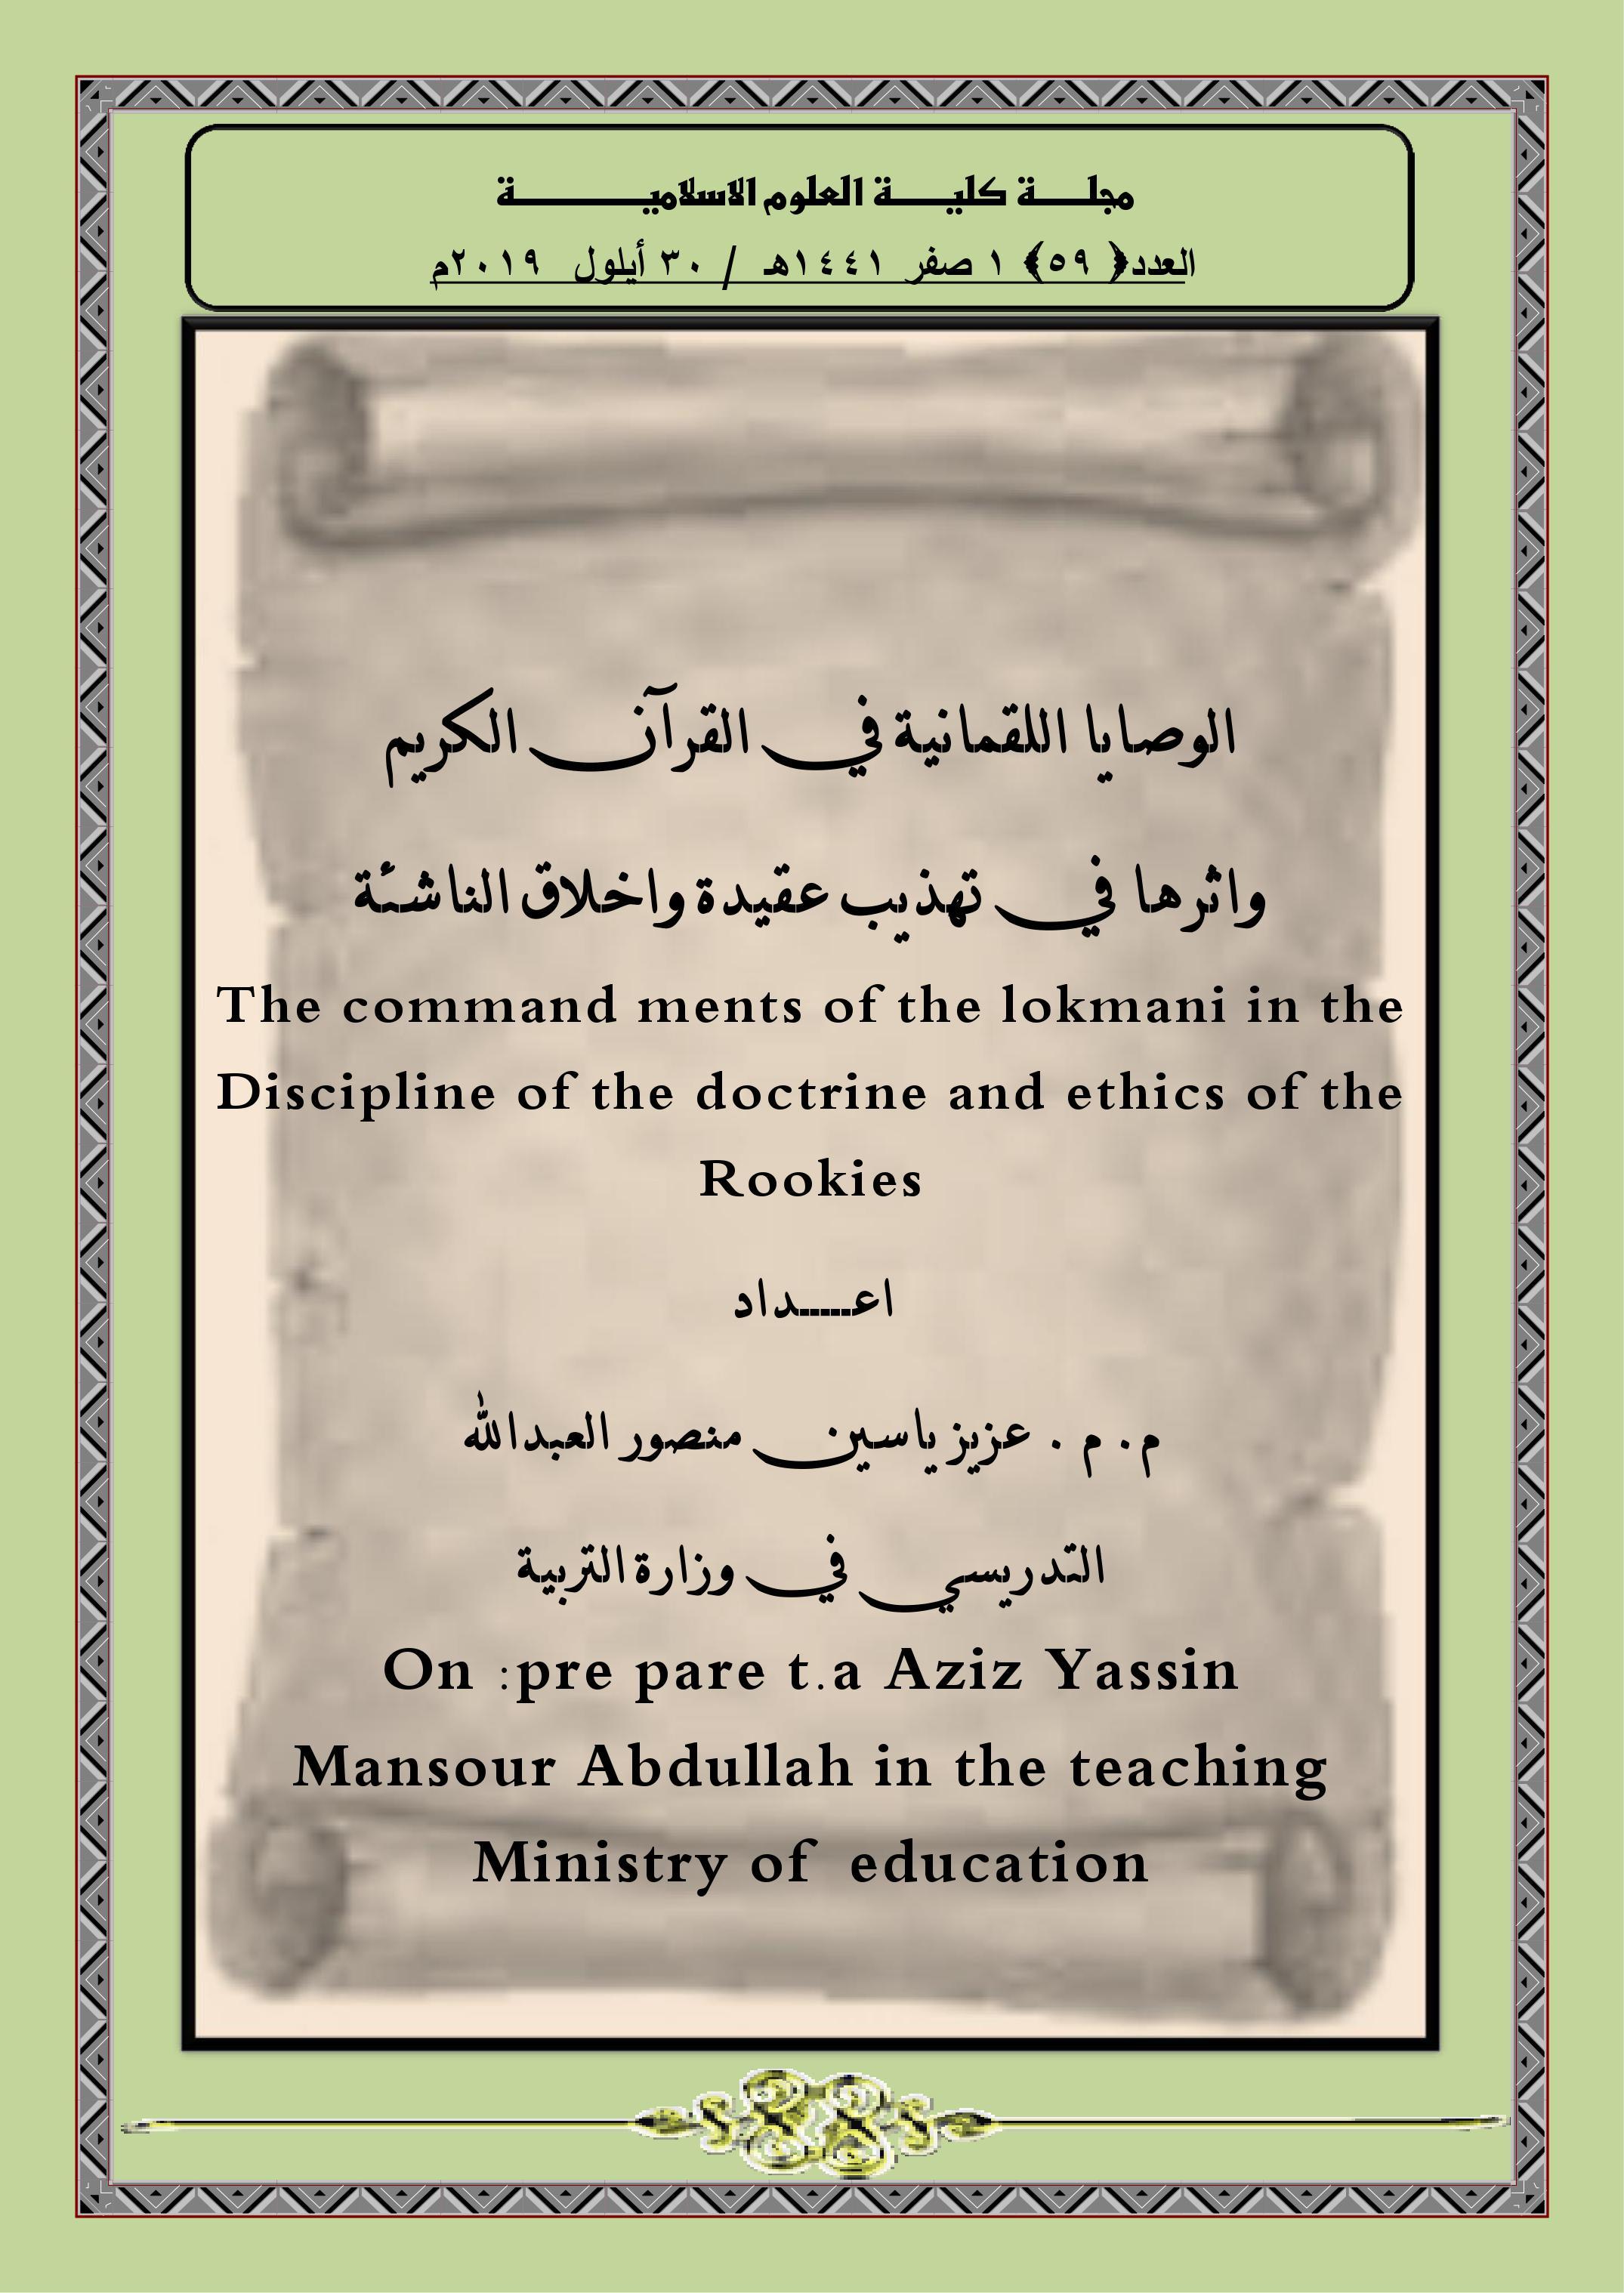 الوصايا اللقمانية في القرآن الكريم واثرها في تهذيب عقيدة واخلاق الناشئة